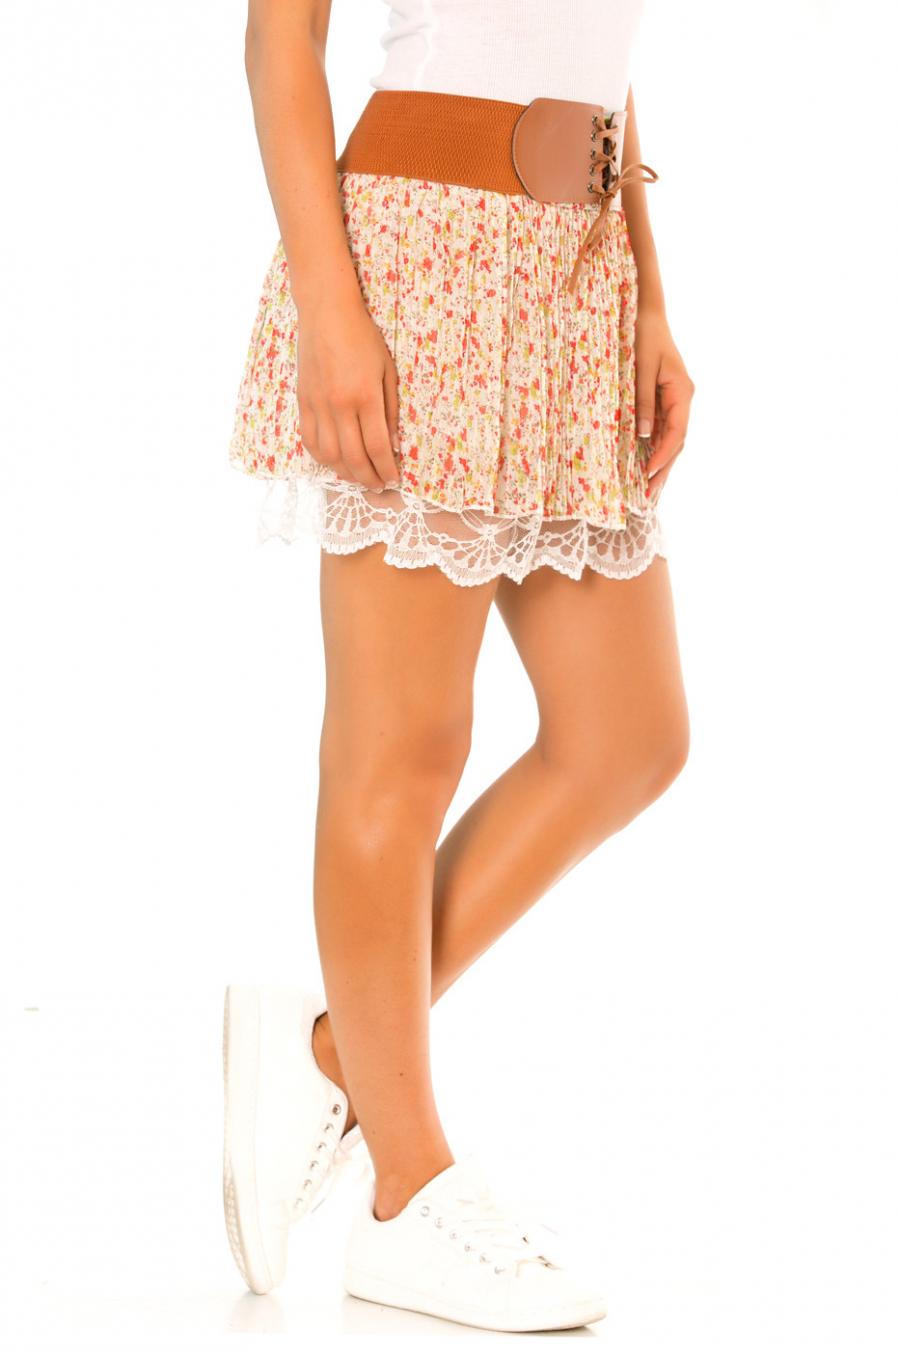 Mini jupe en voilage Beige à motif fleurs et dentelle - 626